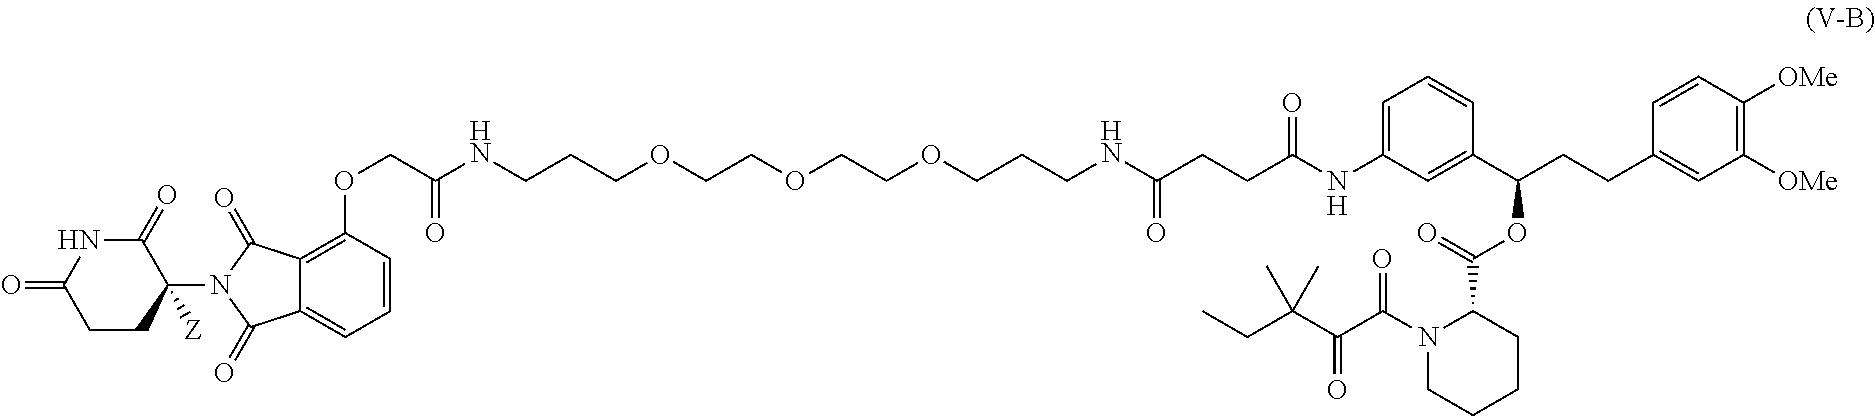 Figure US09809603-20171107-C00063